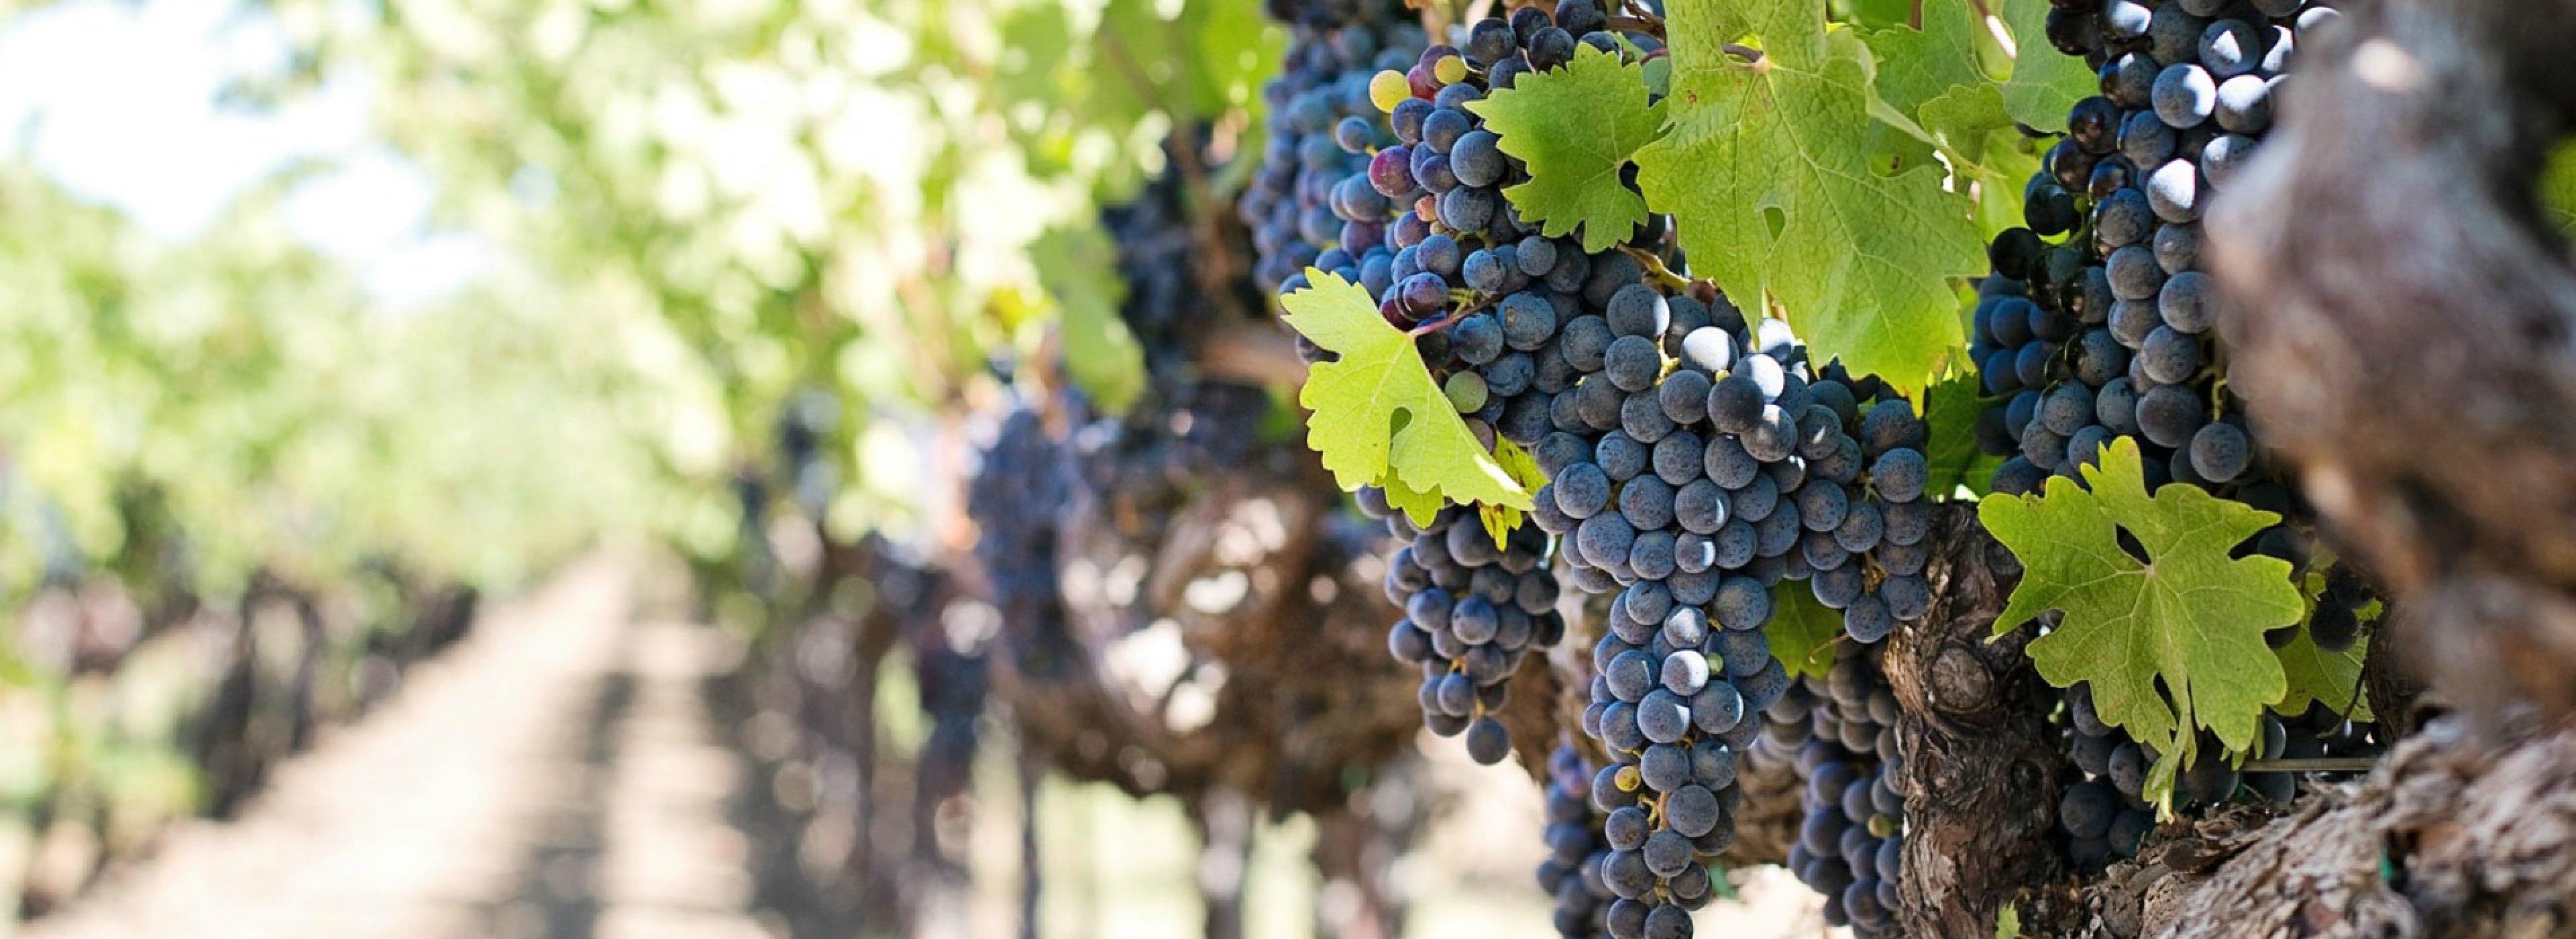 Moldova, winery